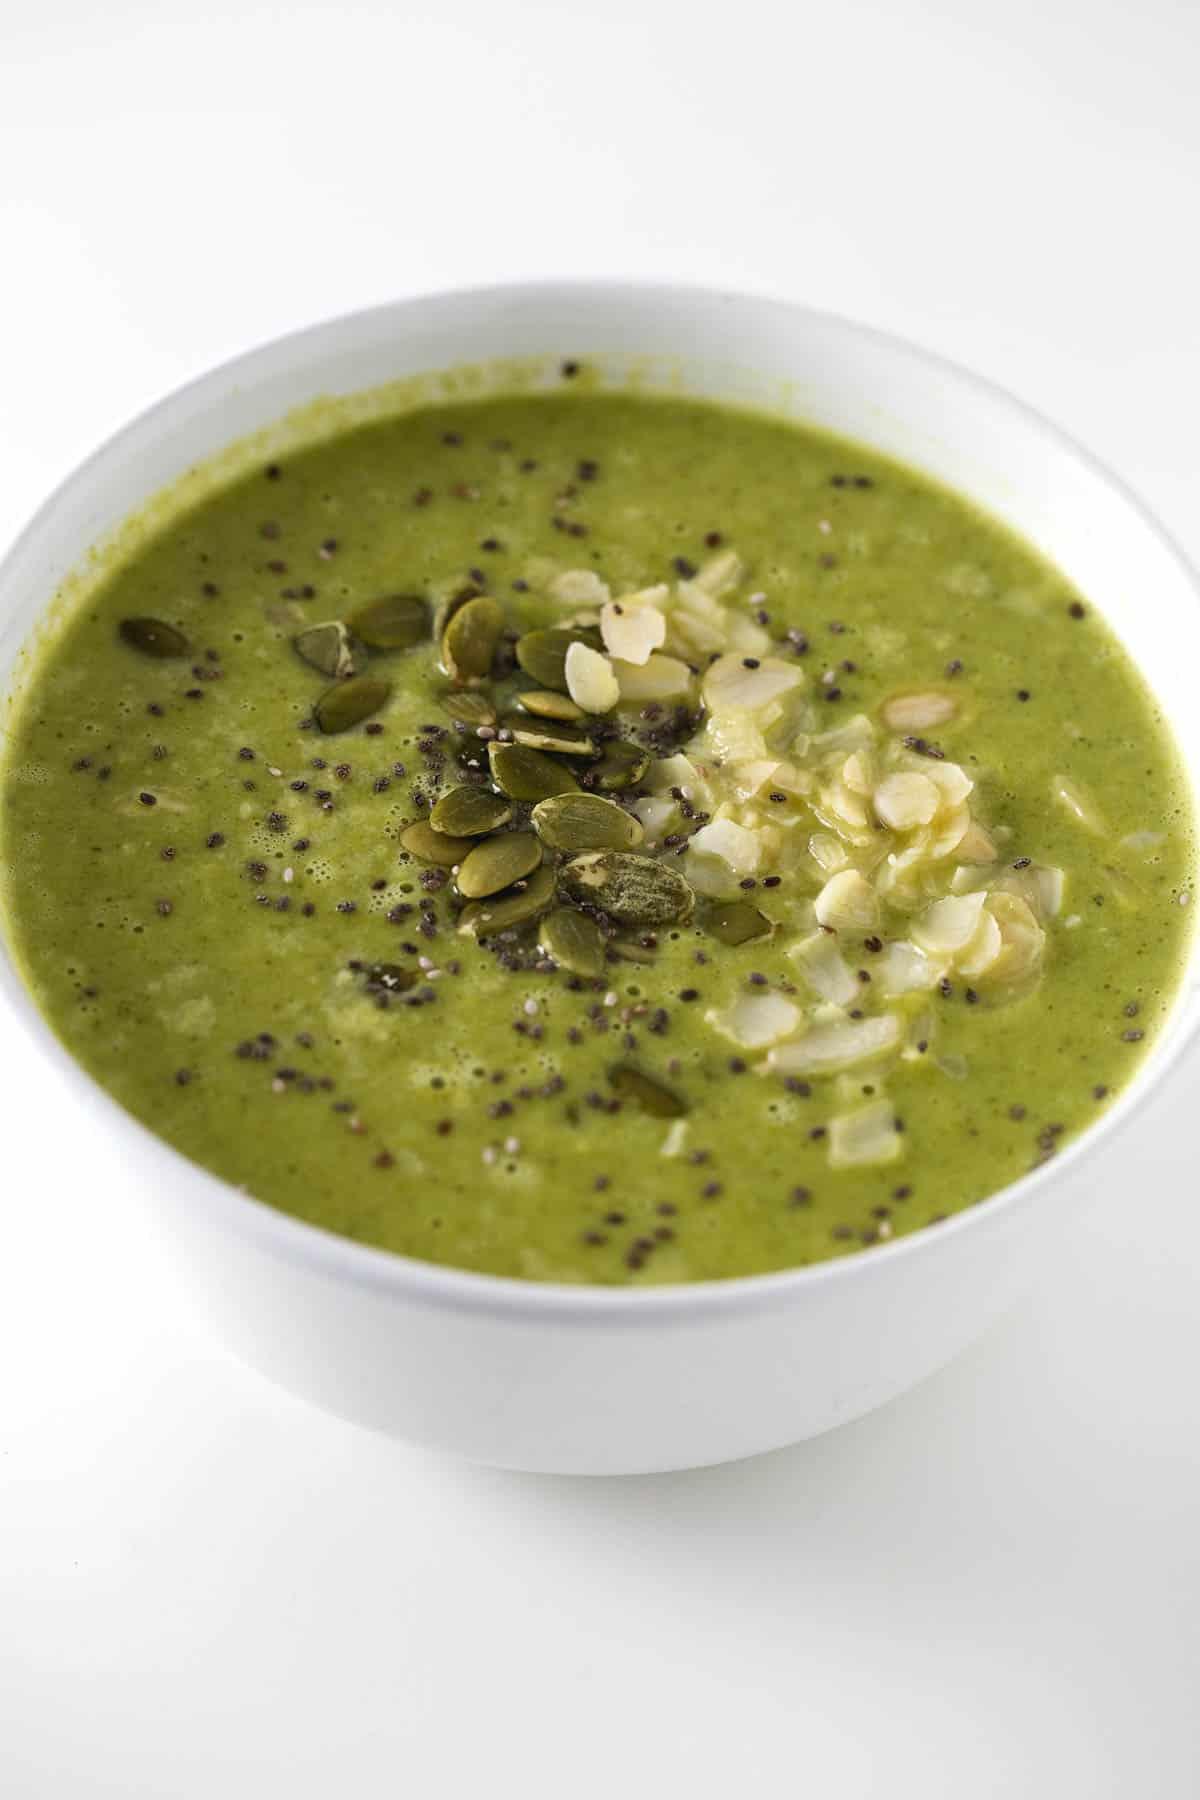 Sopa verde para fortalecer el sistema inmune - Esta sopa es perfecta para fortalecer el sistema inmune y ayudarnos a combatir resfriados. Nos hará sentir mejor cuando estemos enfermos y además está rica.